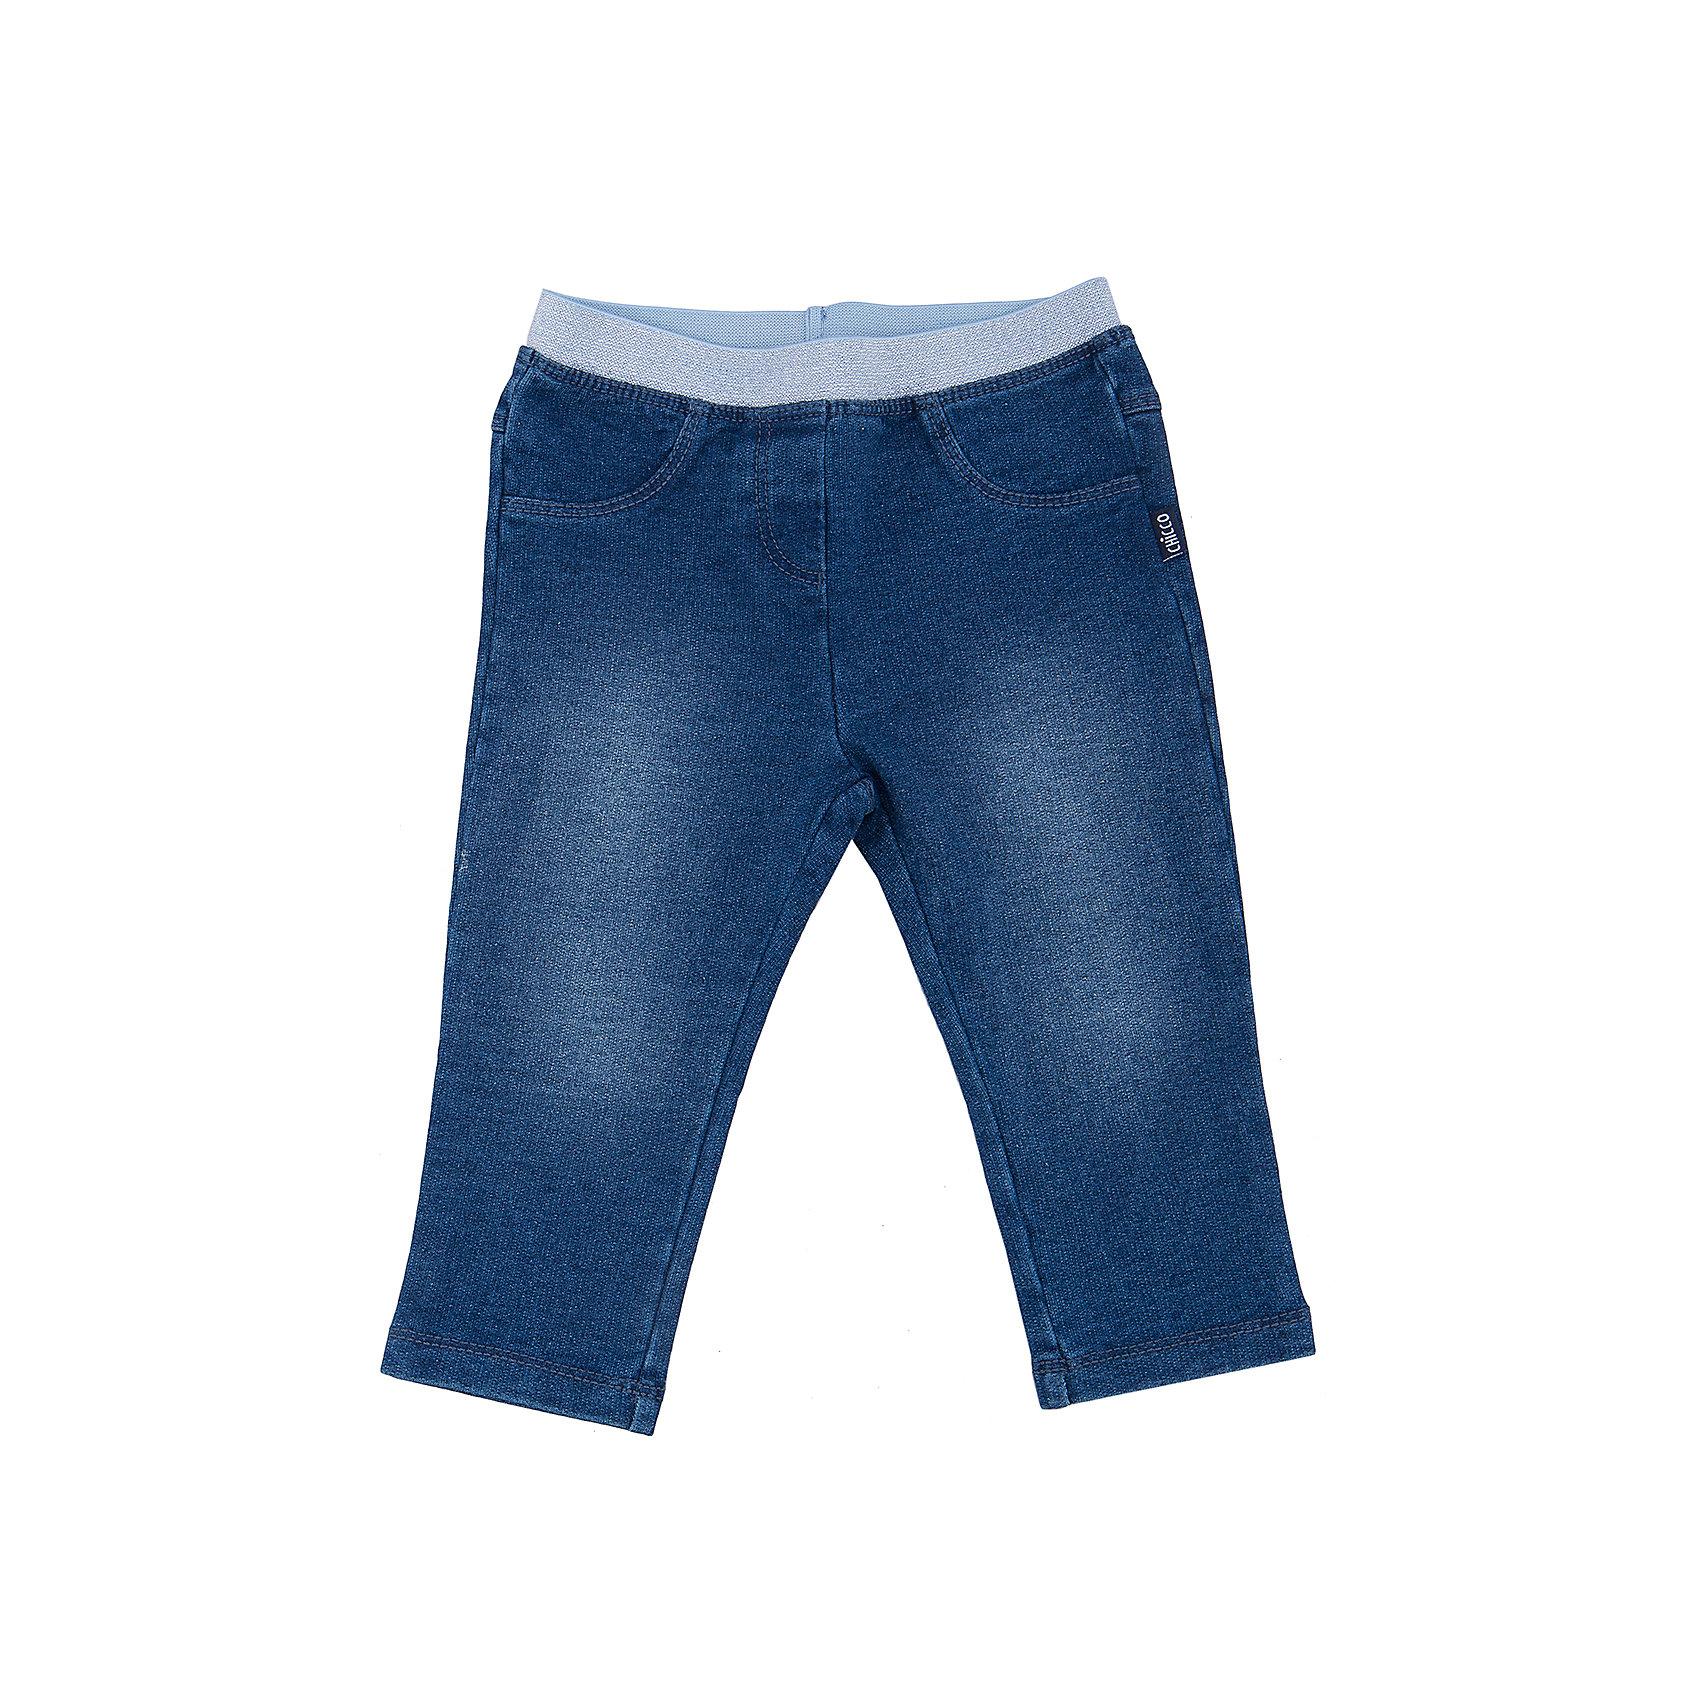 Джинсы для девочки CHICCOДжинсы и брючки<br>Джинсы CHICCO для девочки<br><br>Характеристики:<br><br>Фактура материала: джинсовый трикотаж<br>Особенности брюк: зауженные<br>Тип брюк: на резинке<br>Тип карманов: без карманов<br>Вид отделки: фабричная потертость<br><br>Состав: 86% хлопок, 10% полиэстер, 4% эластан<br><br>Брюки CHICCO для девочки можно купить в нашем интернет-магазине.<br><br>Ширина мм: 215<br>Глубина мм: 88<br>Высота мм: 191<br>Вес г: 336<br>Цвет: синий<br>Возраст от месяцев: 18<br>Возраст до месяцев: 24<br>Пол: Женский<br>Возраст: Детский<br>Размер: 92,74,80,86<br>SKU: 5082683